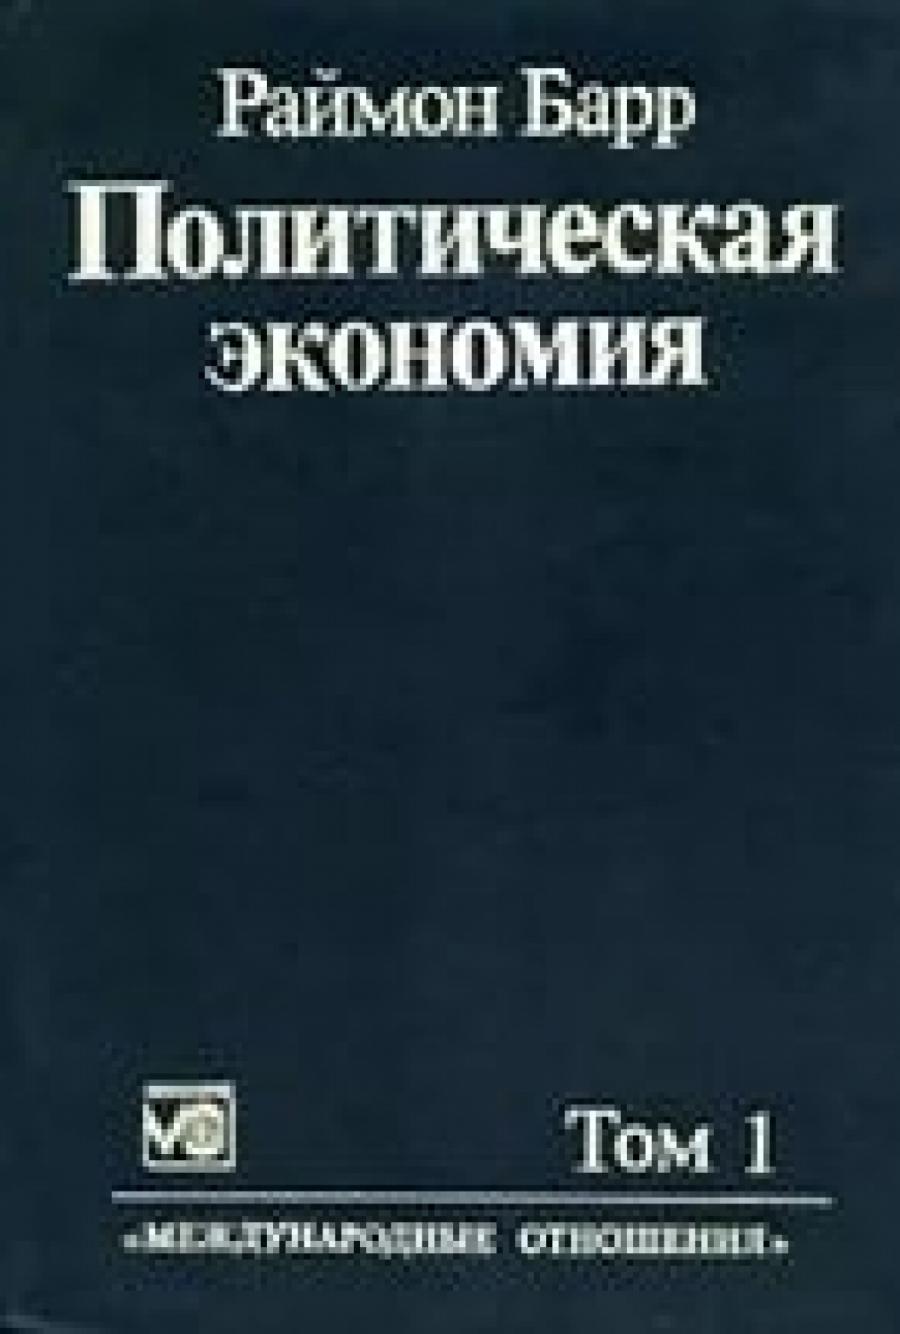 Обложка книги:  барр р. - политическая экономия в 2-х томах